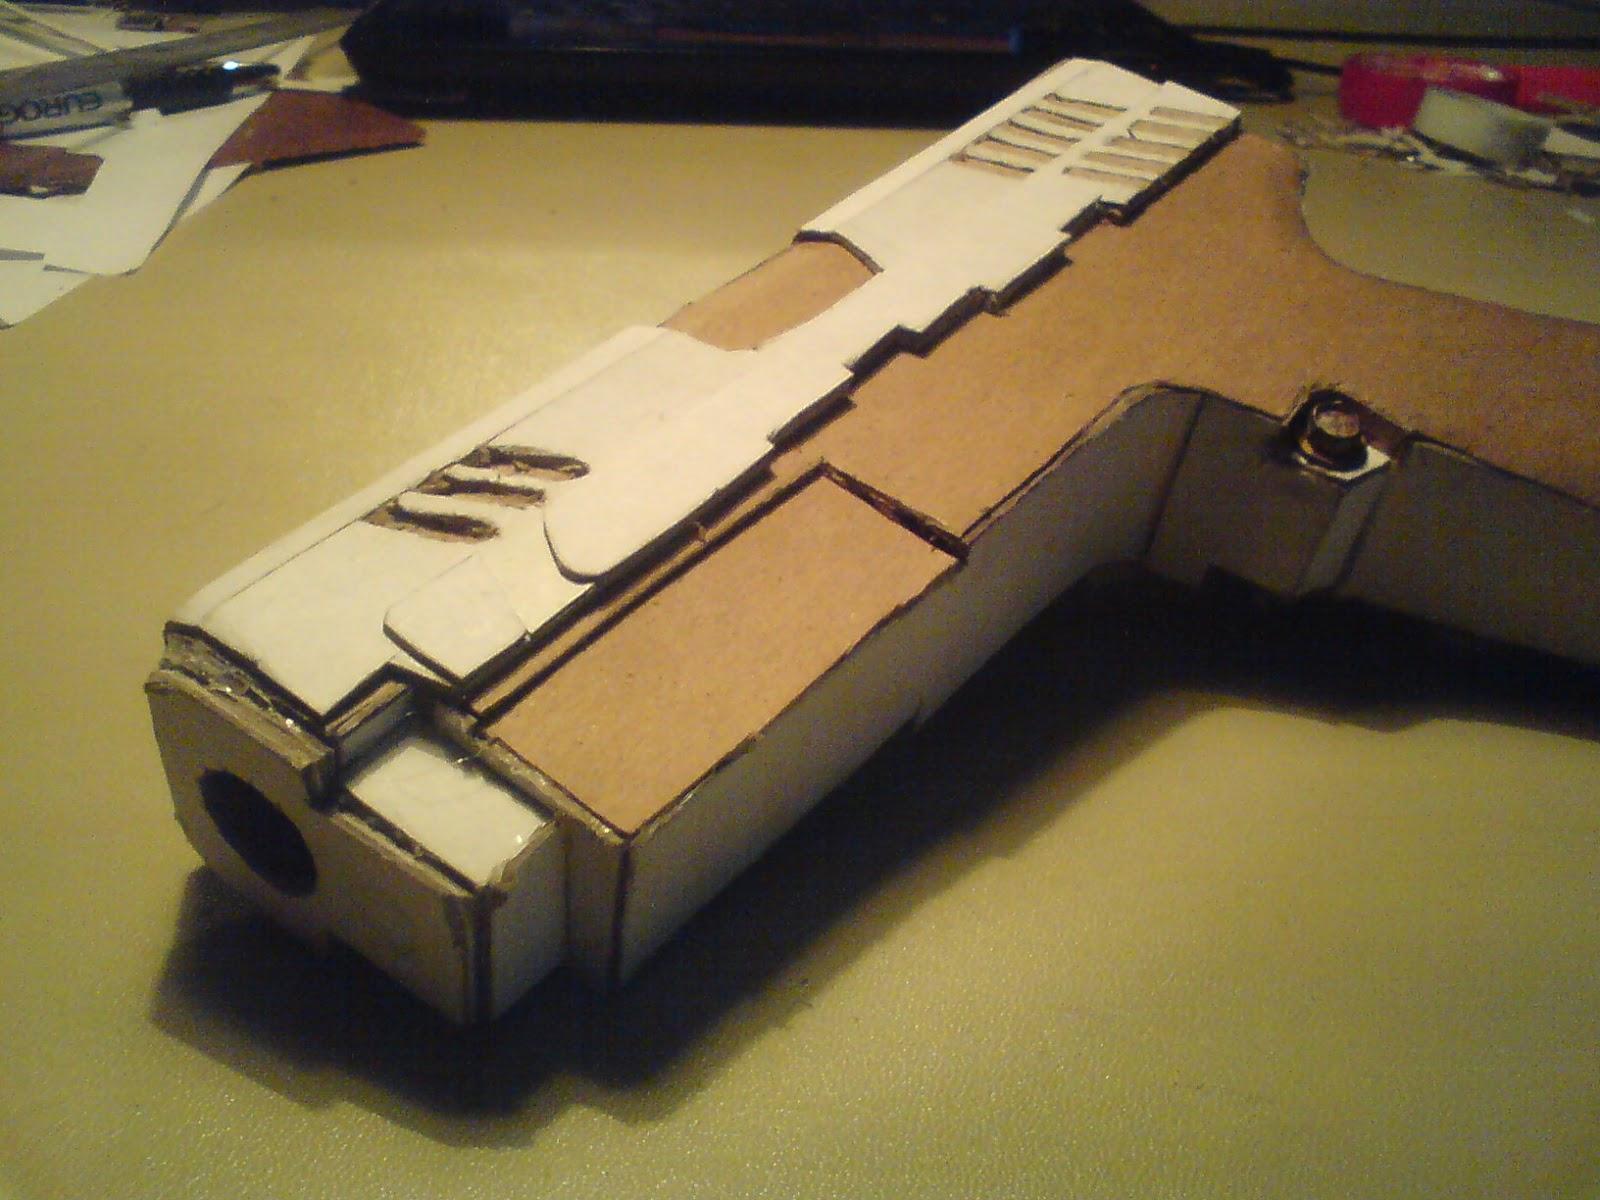 Pistola Blacktail - Resident Evil DSC04426